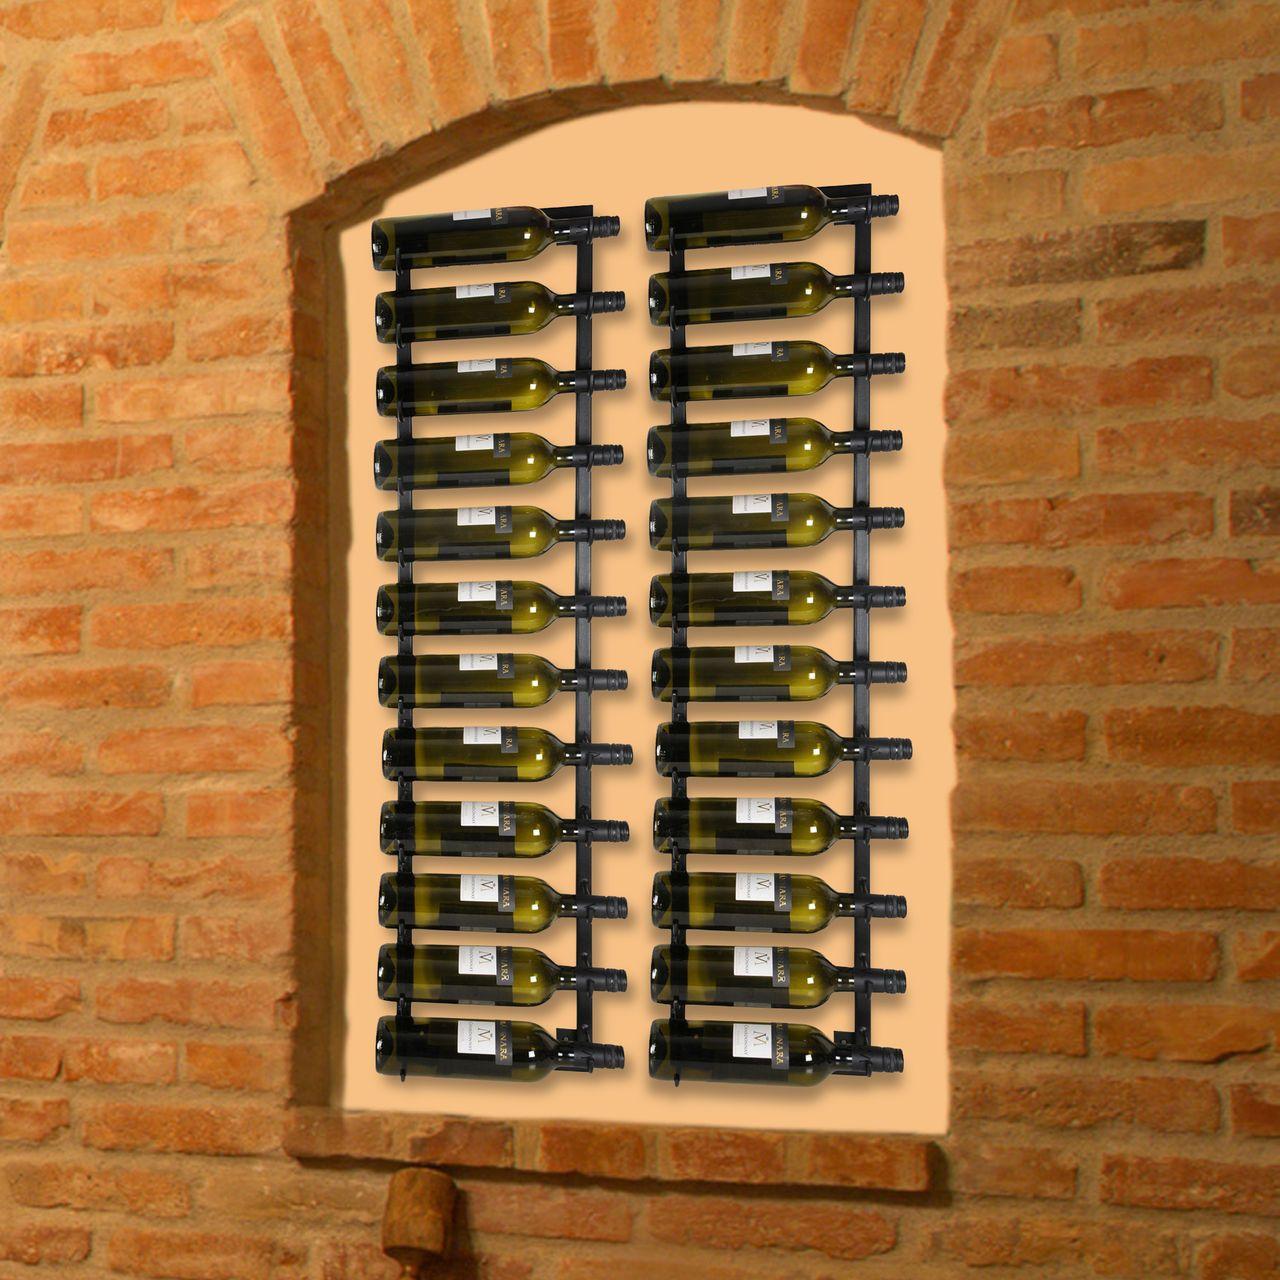 Häufig Weinregal Hang up für die Wand zum Aufhängen. Aus LY68